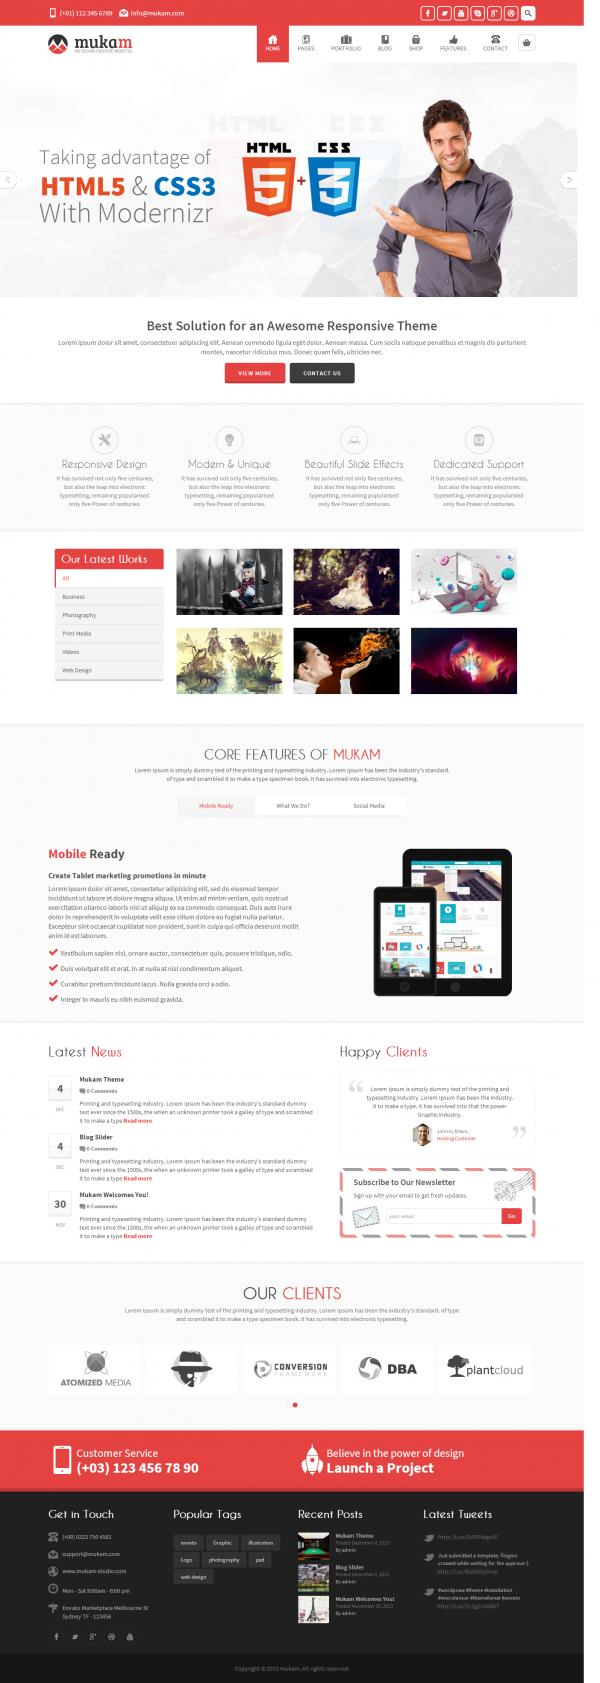 Thiết kế web giới thiệu công ty và bán hàng